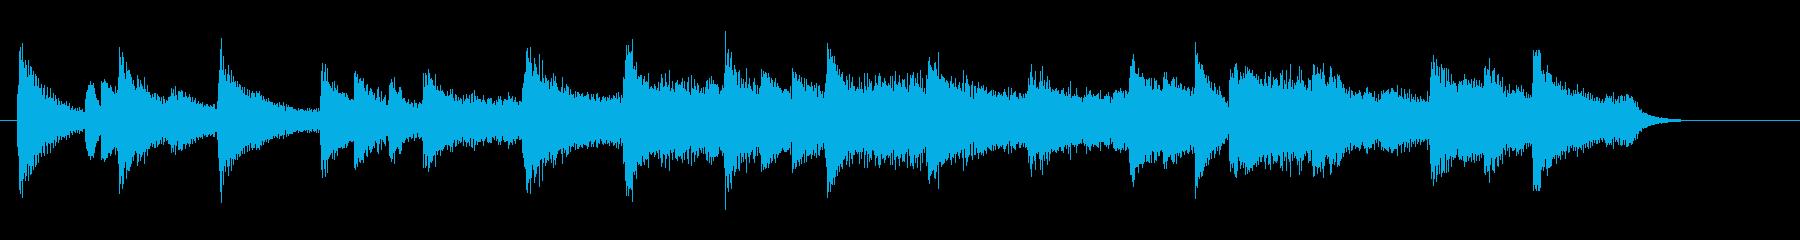 感動、切ない、恋愛系バラードBGM 2の再生済みの波形